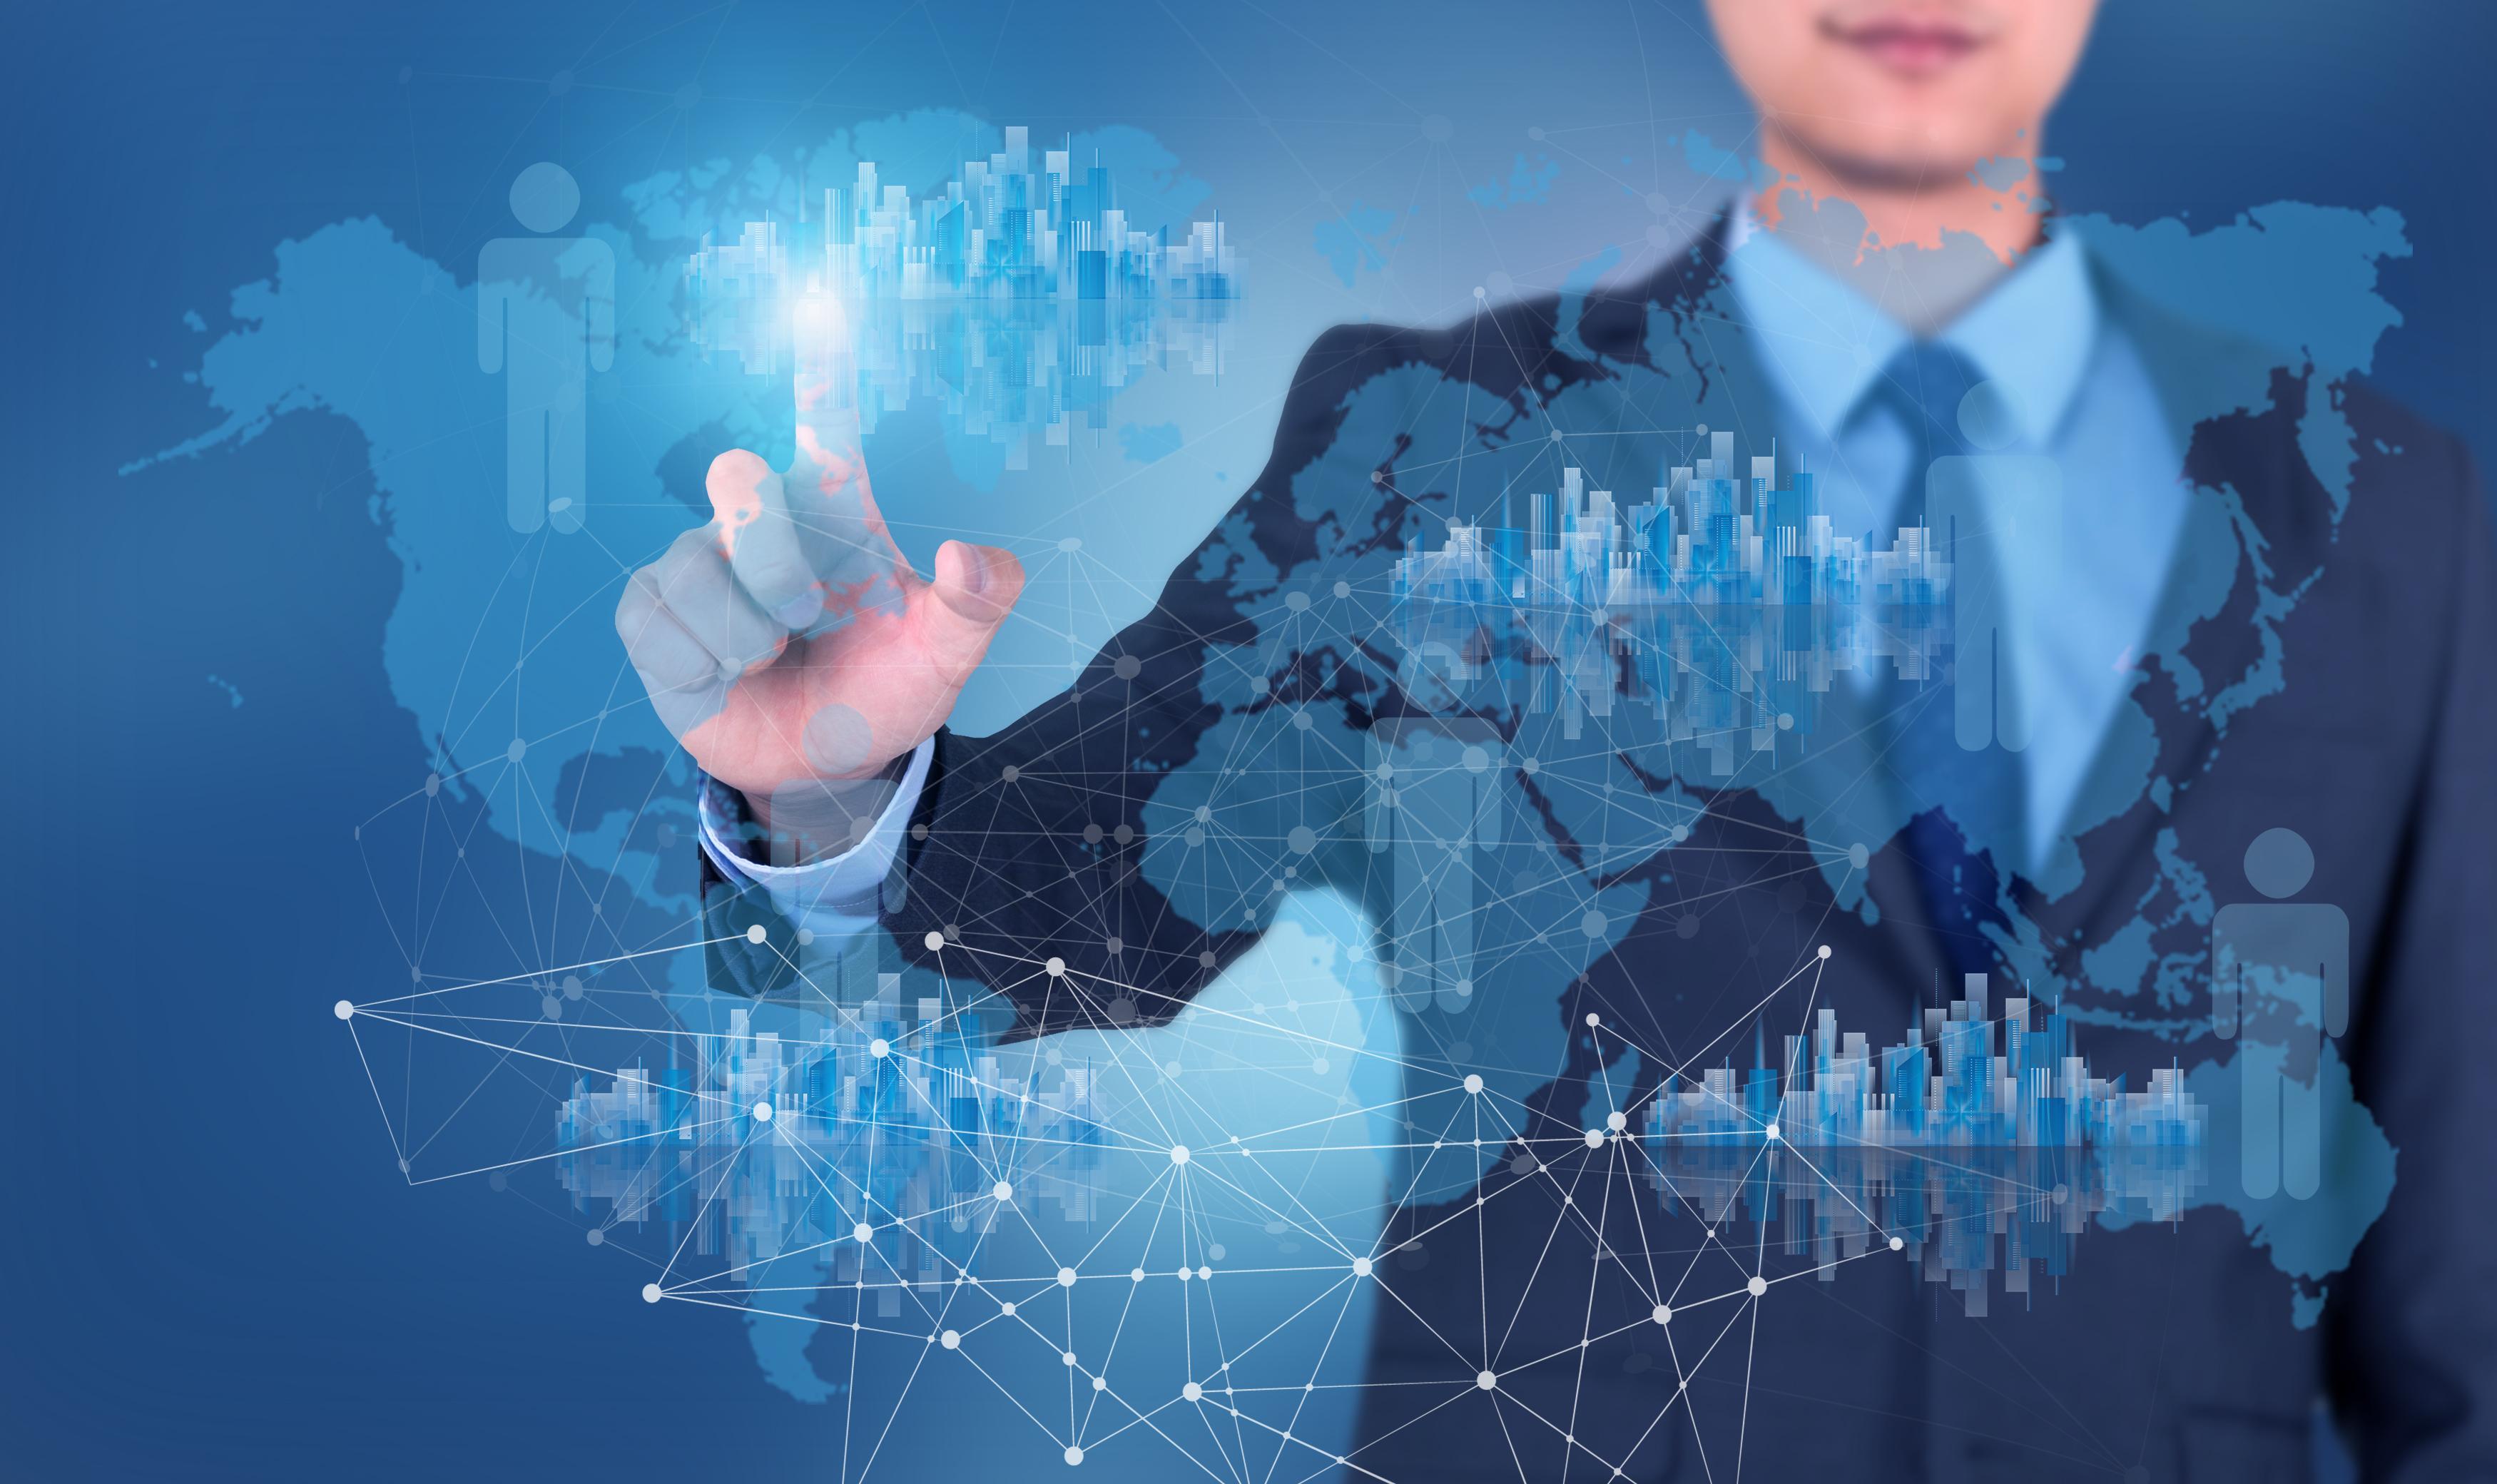 天威诚信财务总监何占义:内部审计在企业内部控制建设中的价值探析